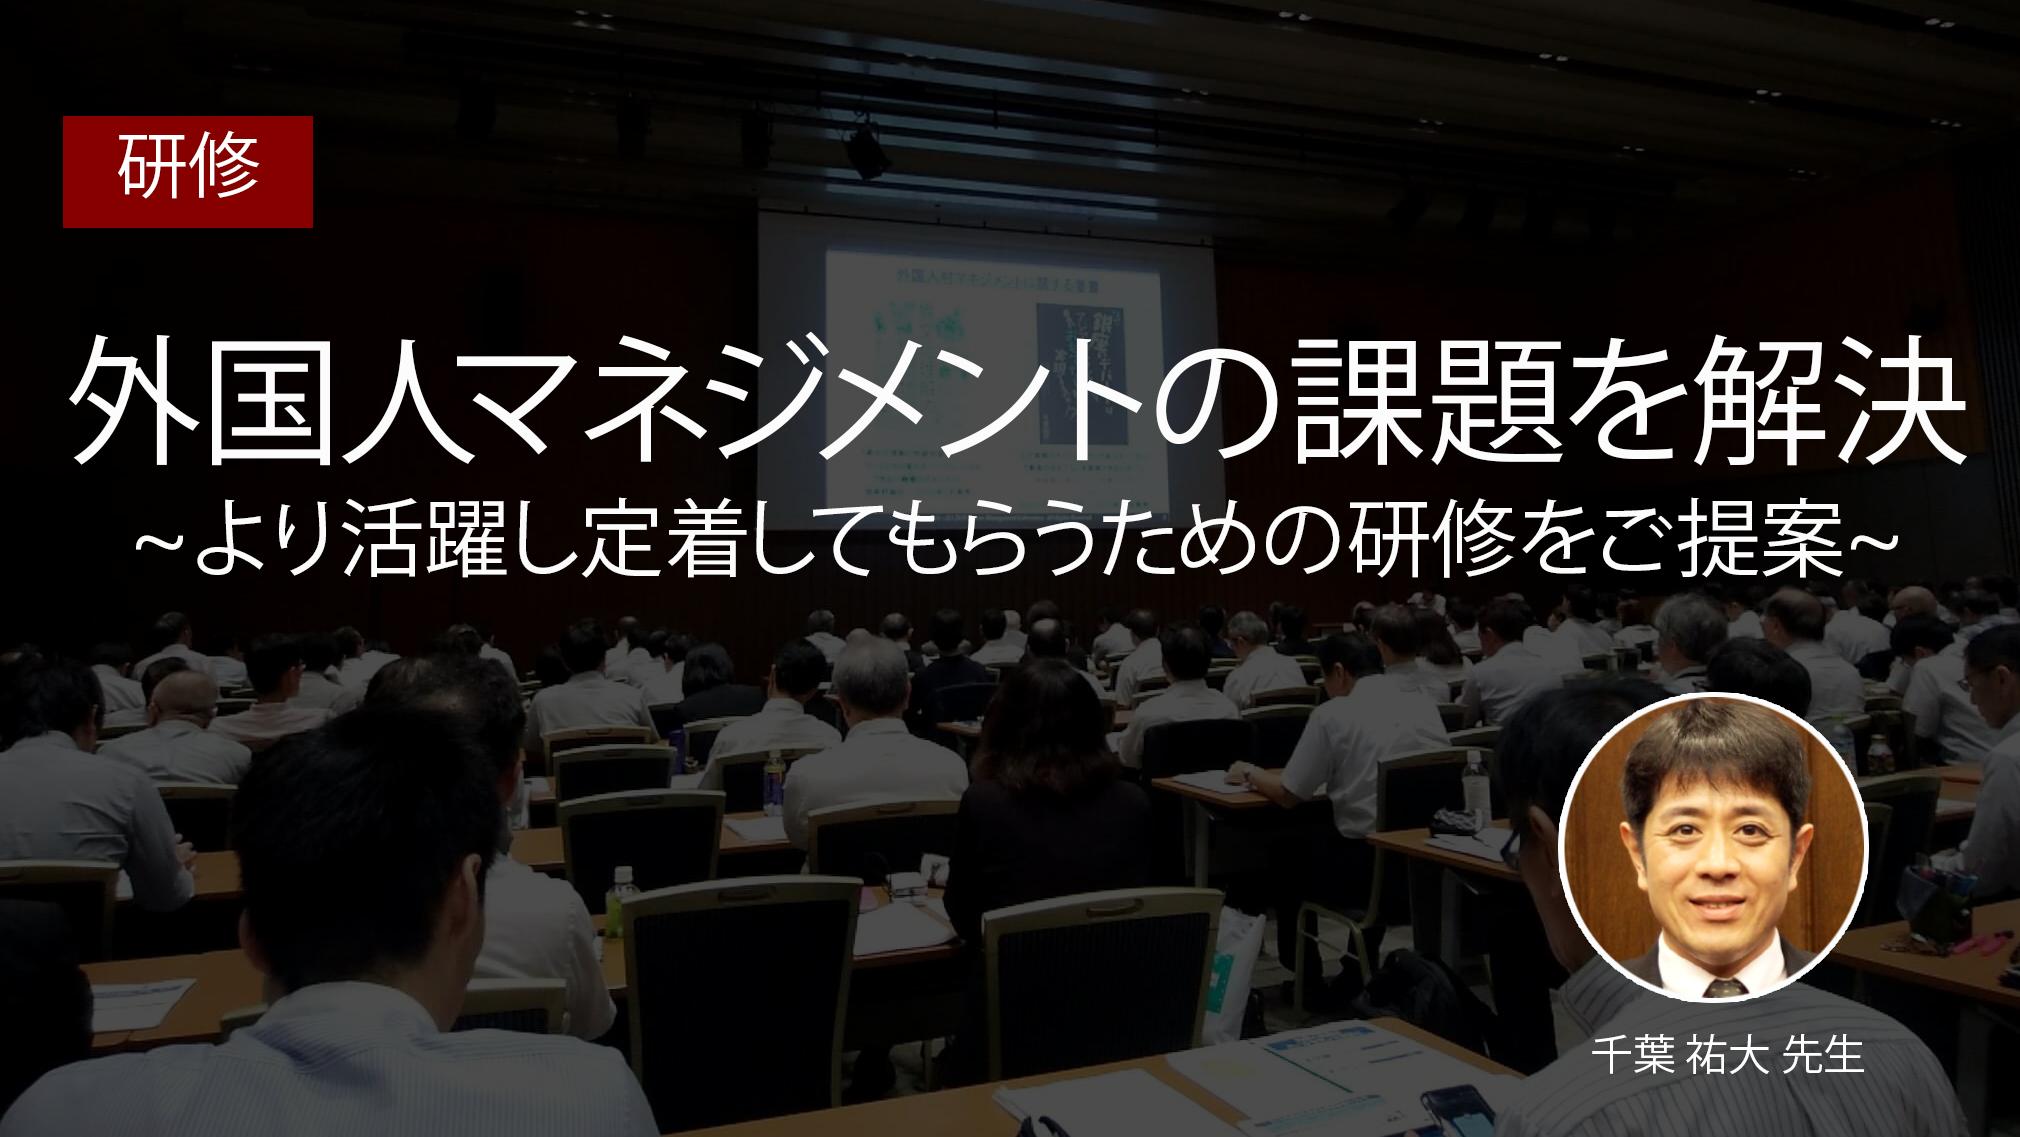 外国人マネジメント研修【企業向け】のメニューを追加しました。